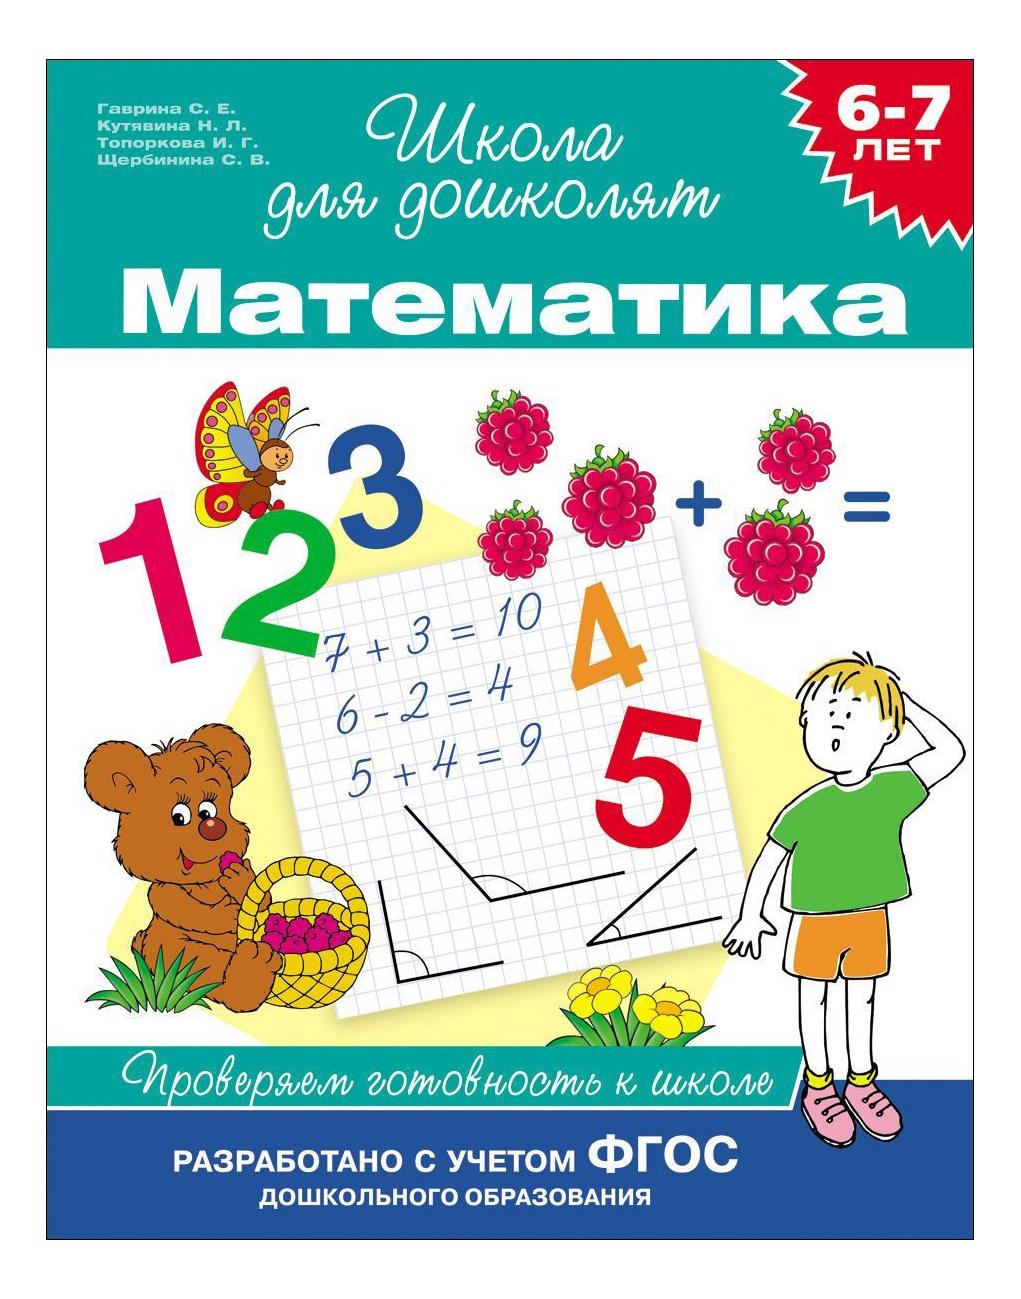 Математика 6-7 л. проверяем Готовность к Школе. Школа для Дошколят. С. Гаврина фото